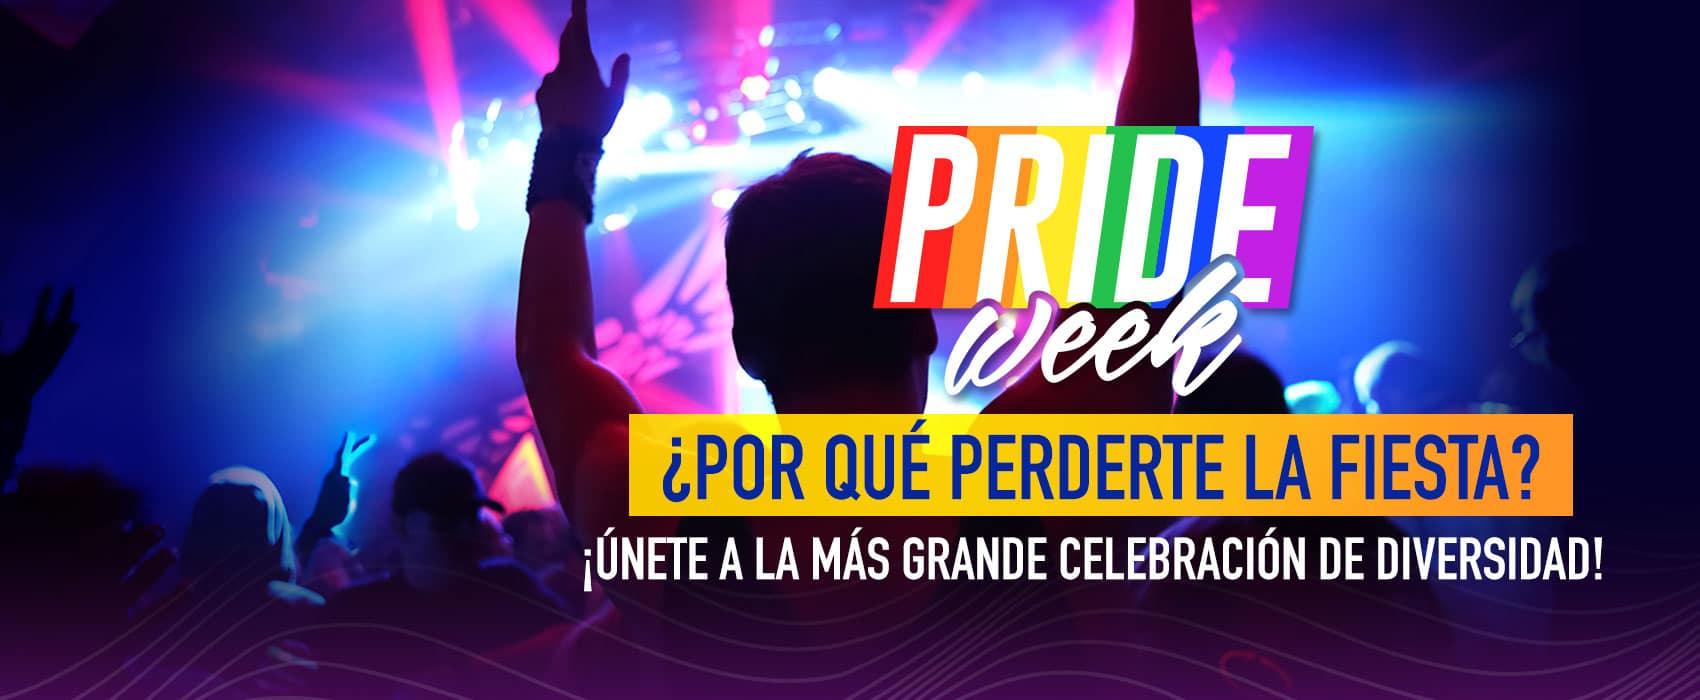 Temptation Cancún Resort Pride Week 2019